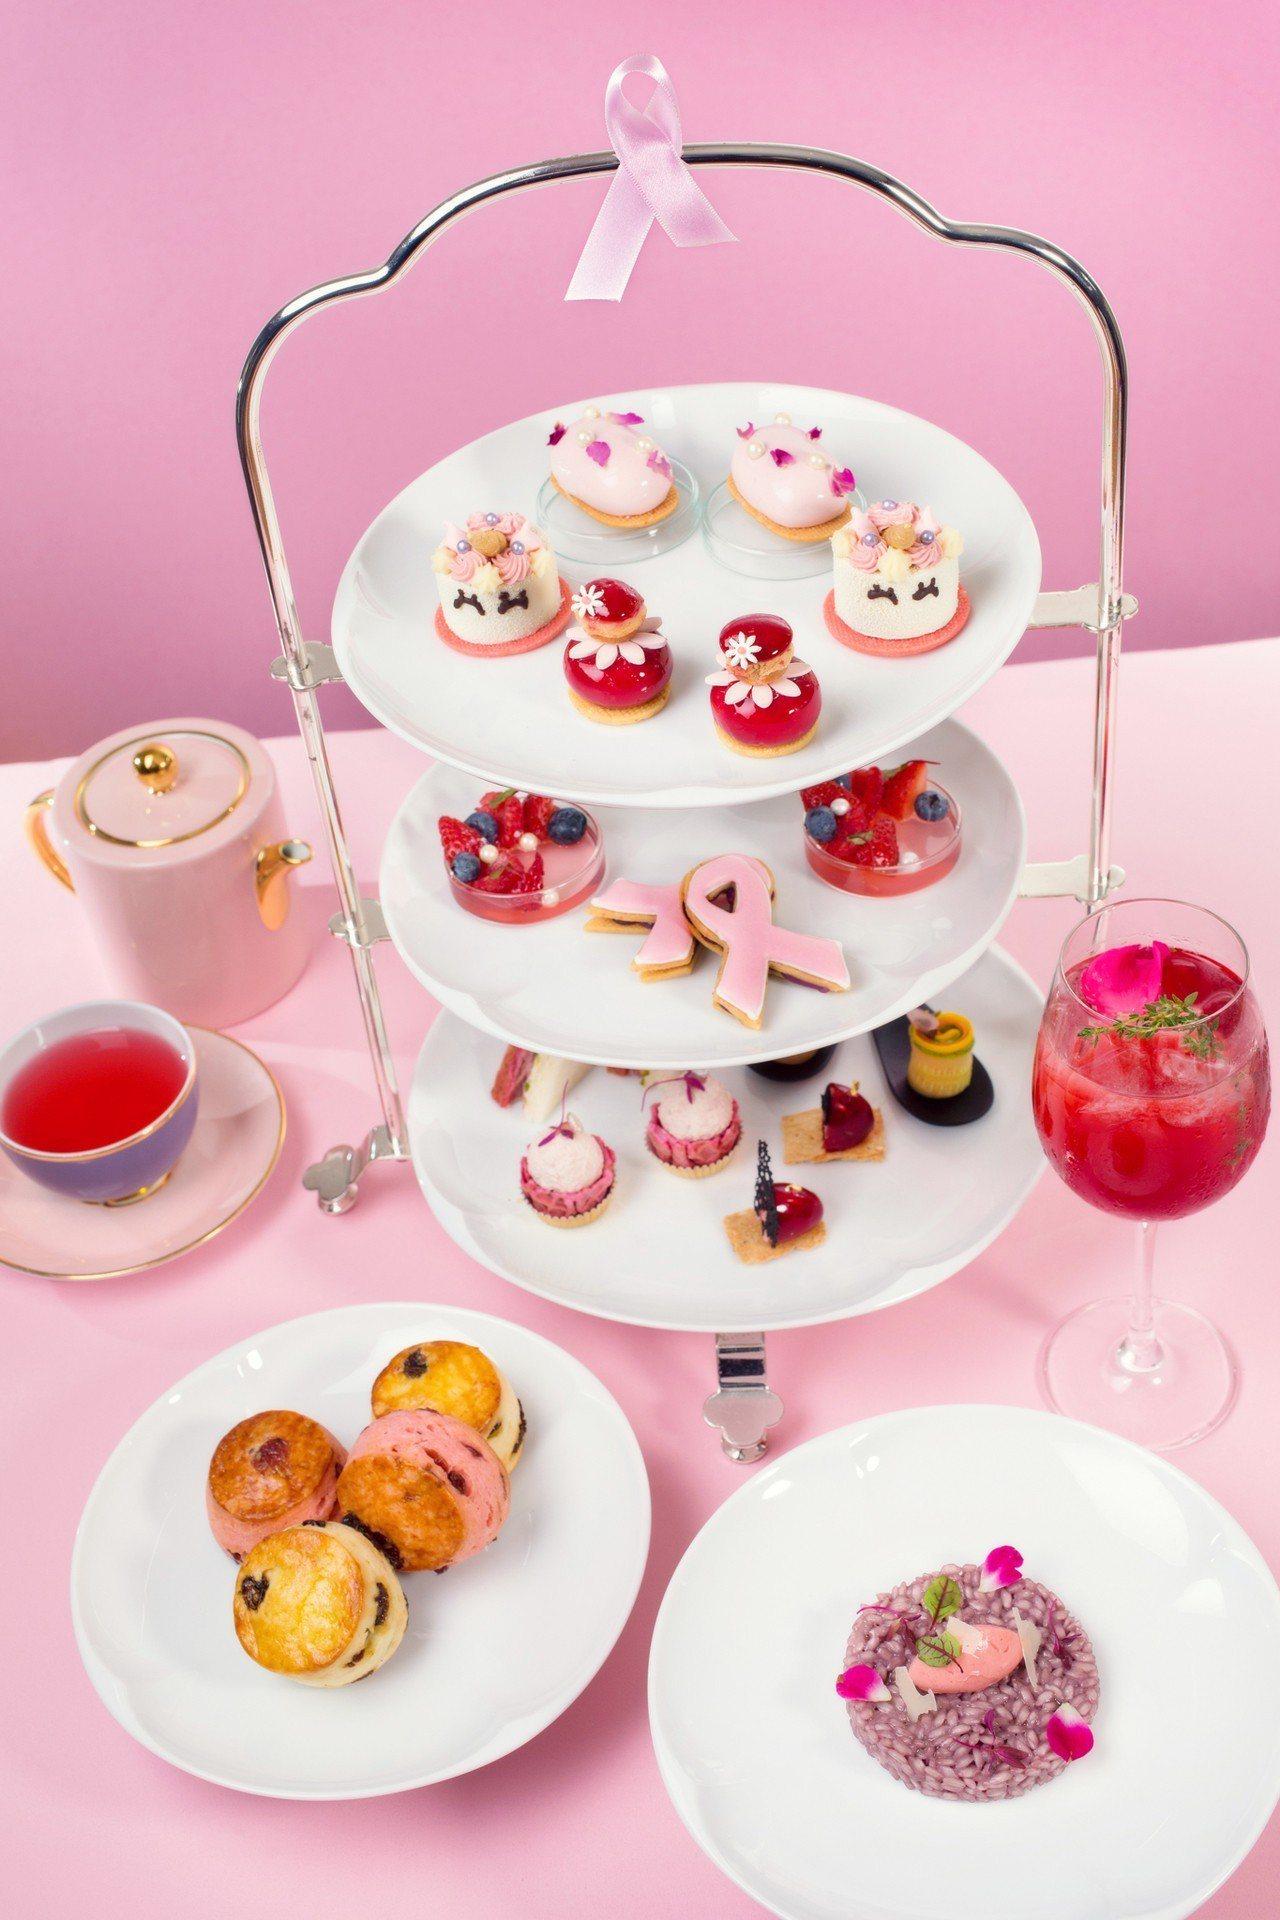 粉紅閨密雙人下午茶套餐每套1,680元+10%,均以紅色、粉紅色為主色調,展現溫...